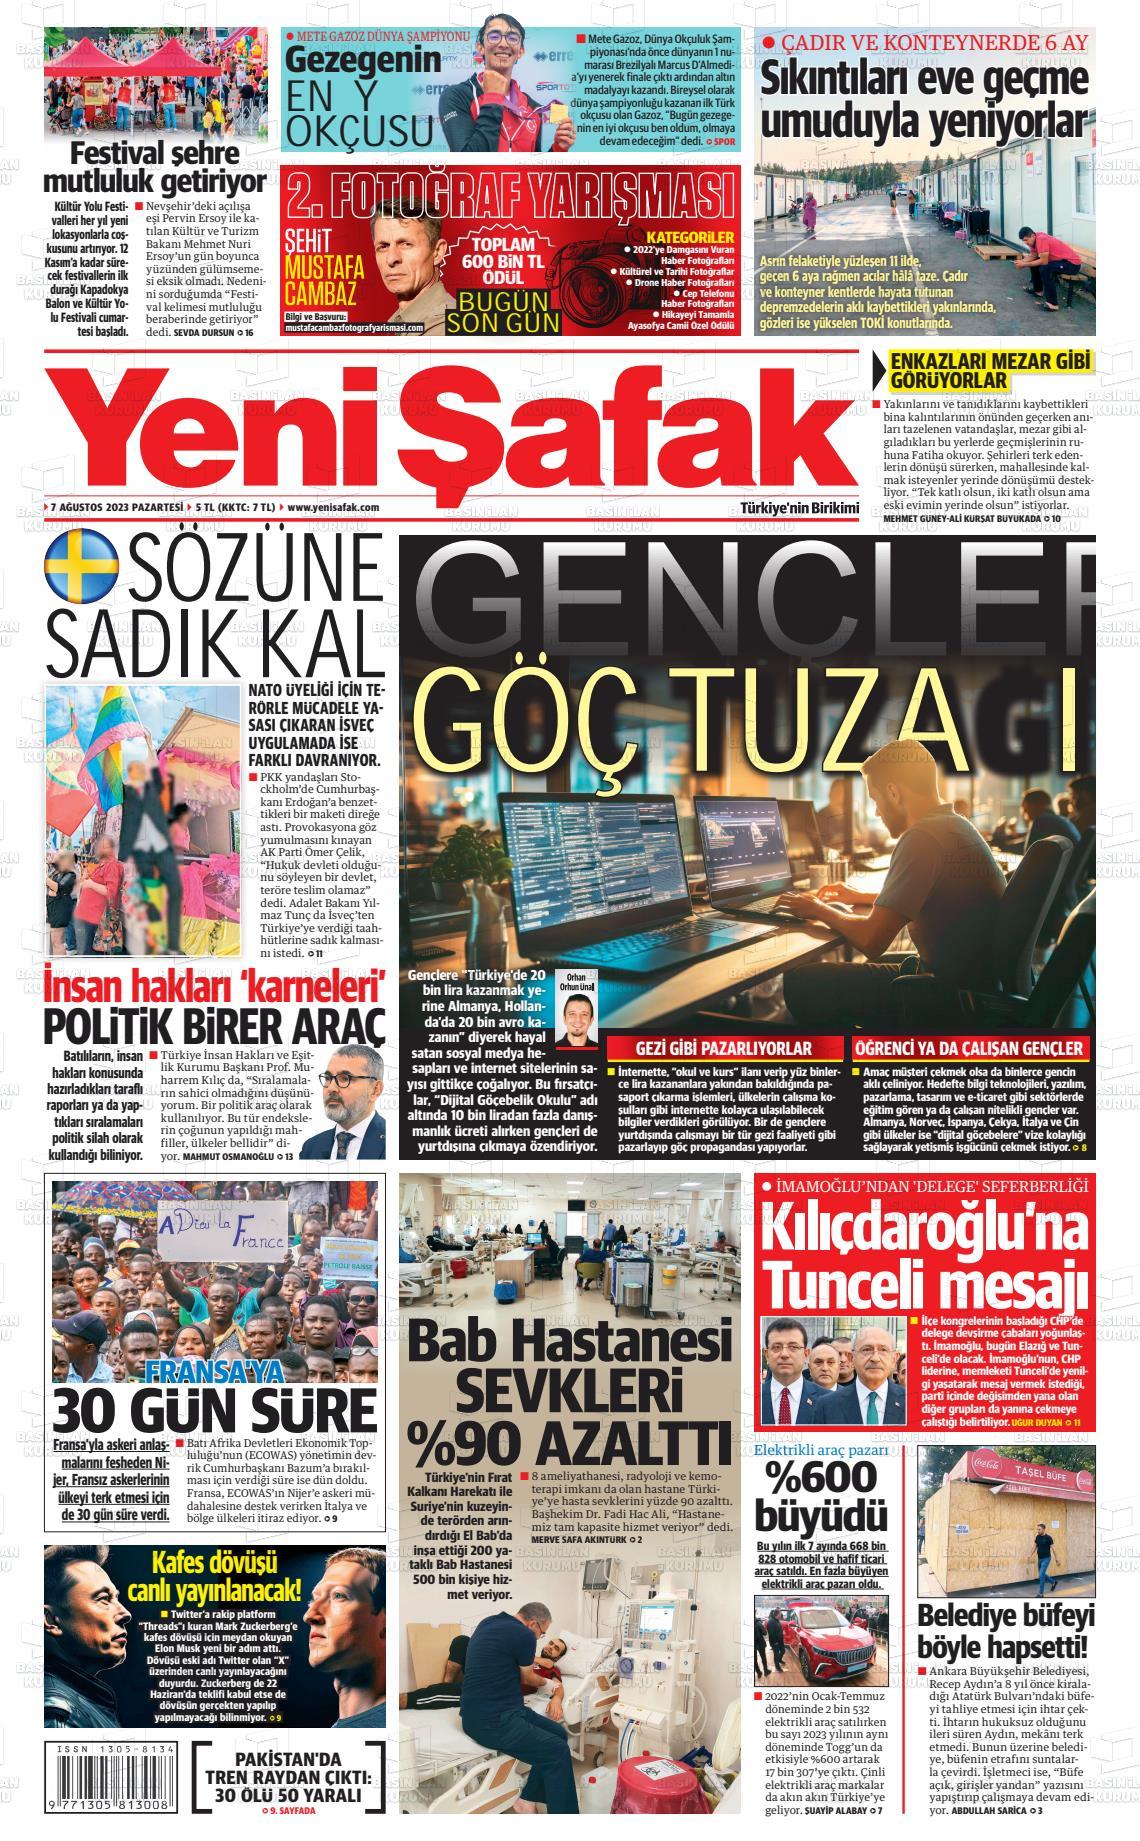 26 Mart 2019, Salı yenisafak Gazetesi